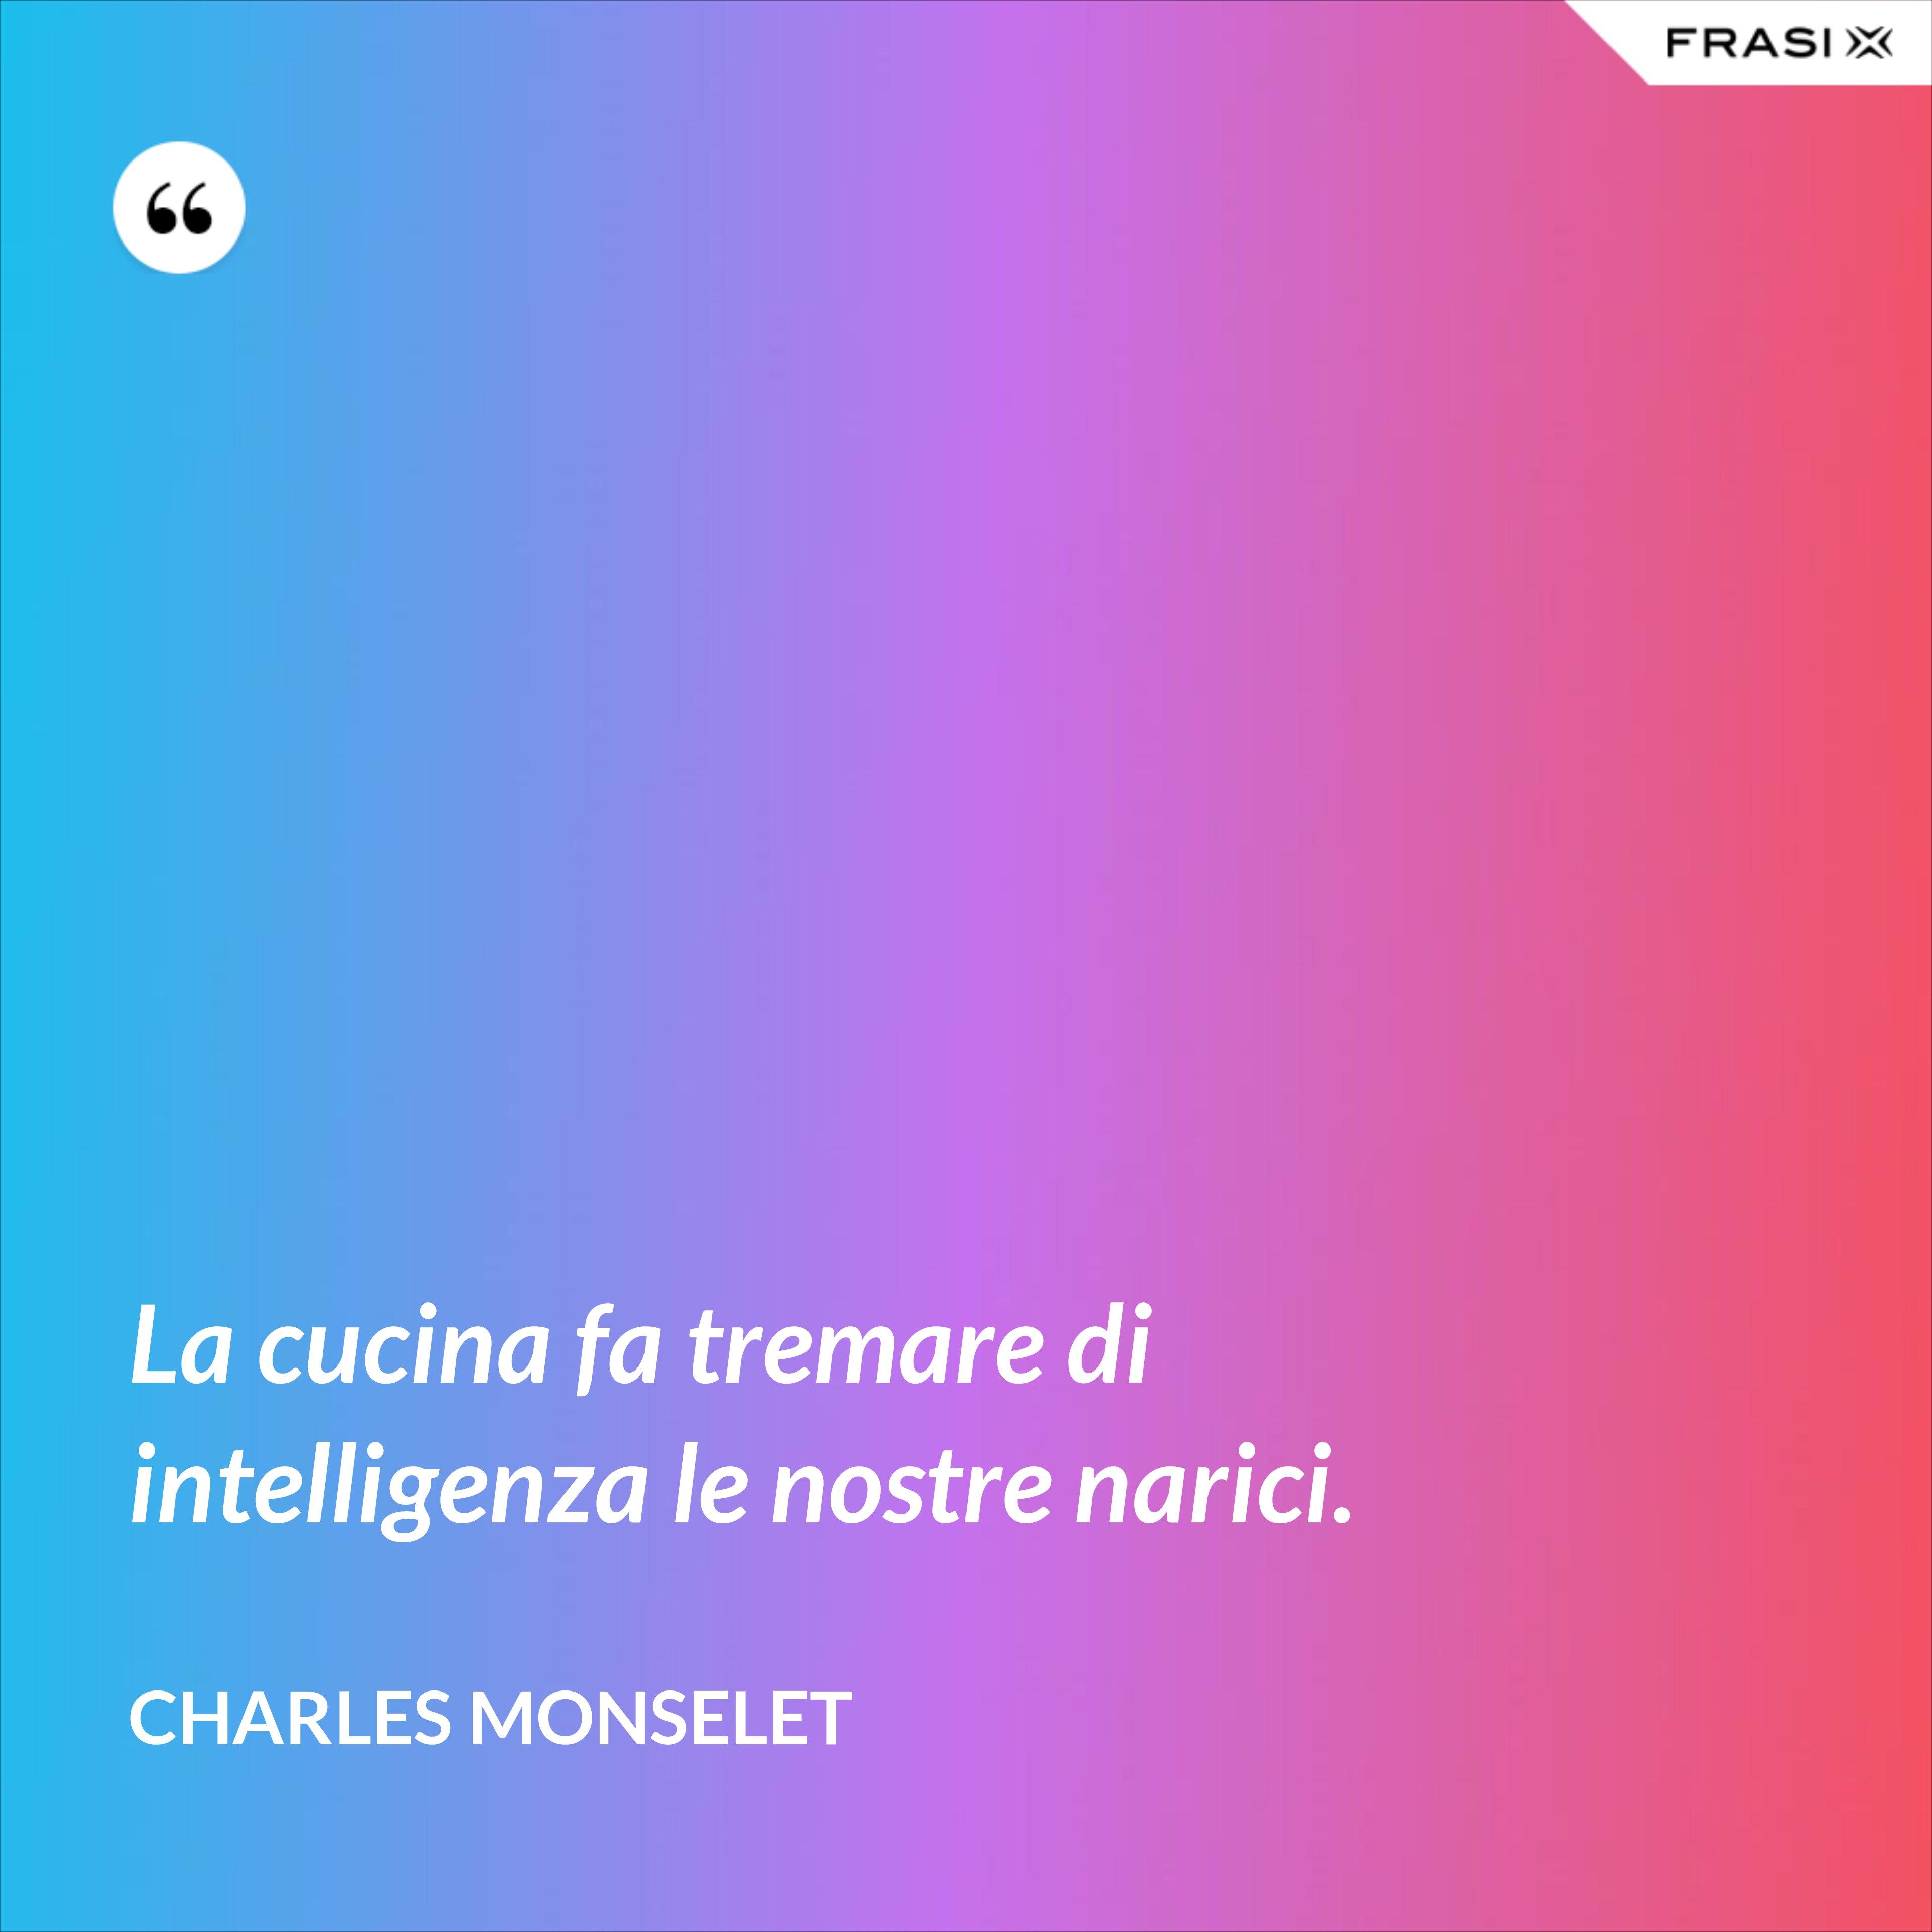 La cucina fa tremare di intelligenza le nostre narici. - Charles Monselet